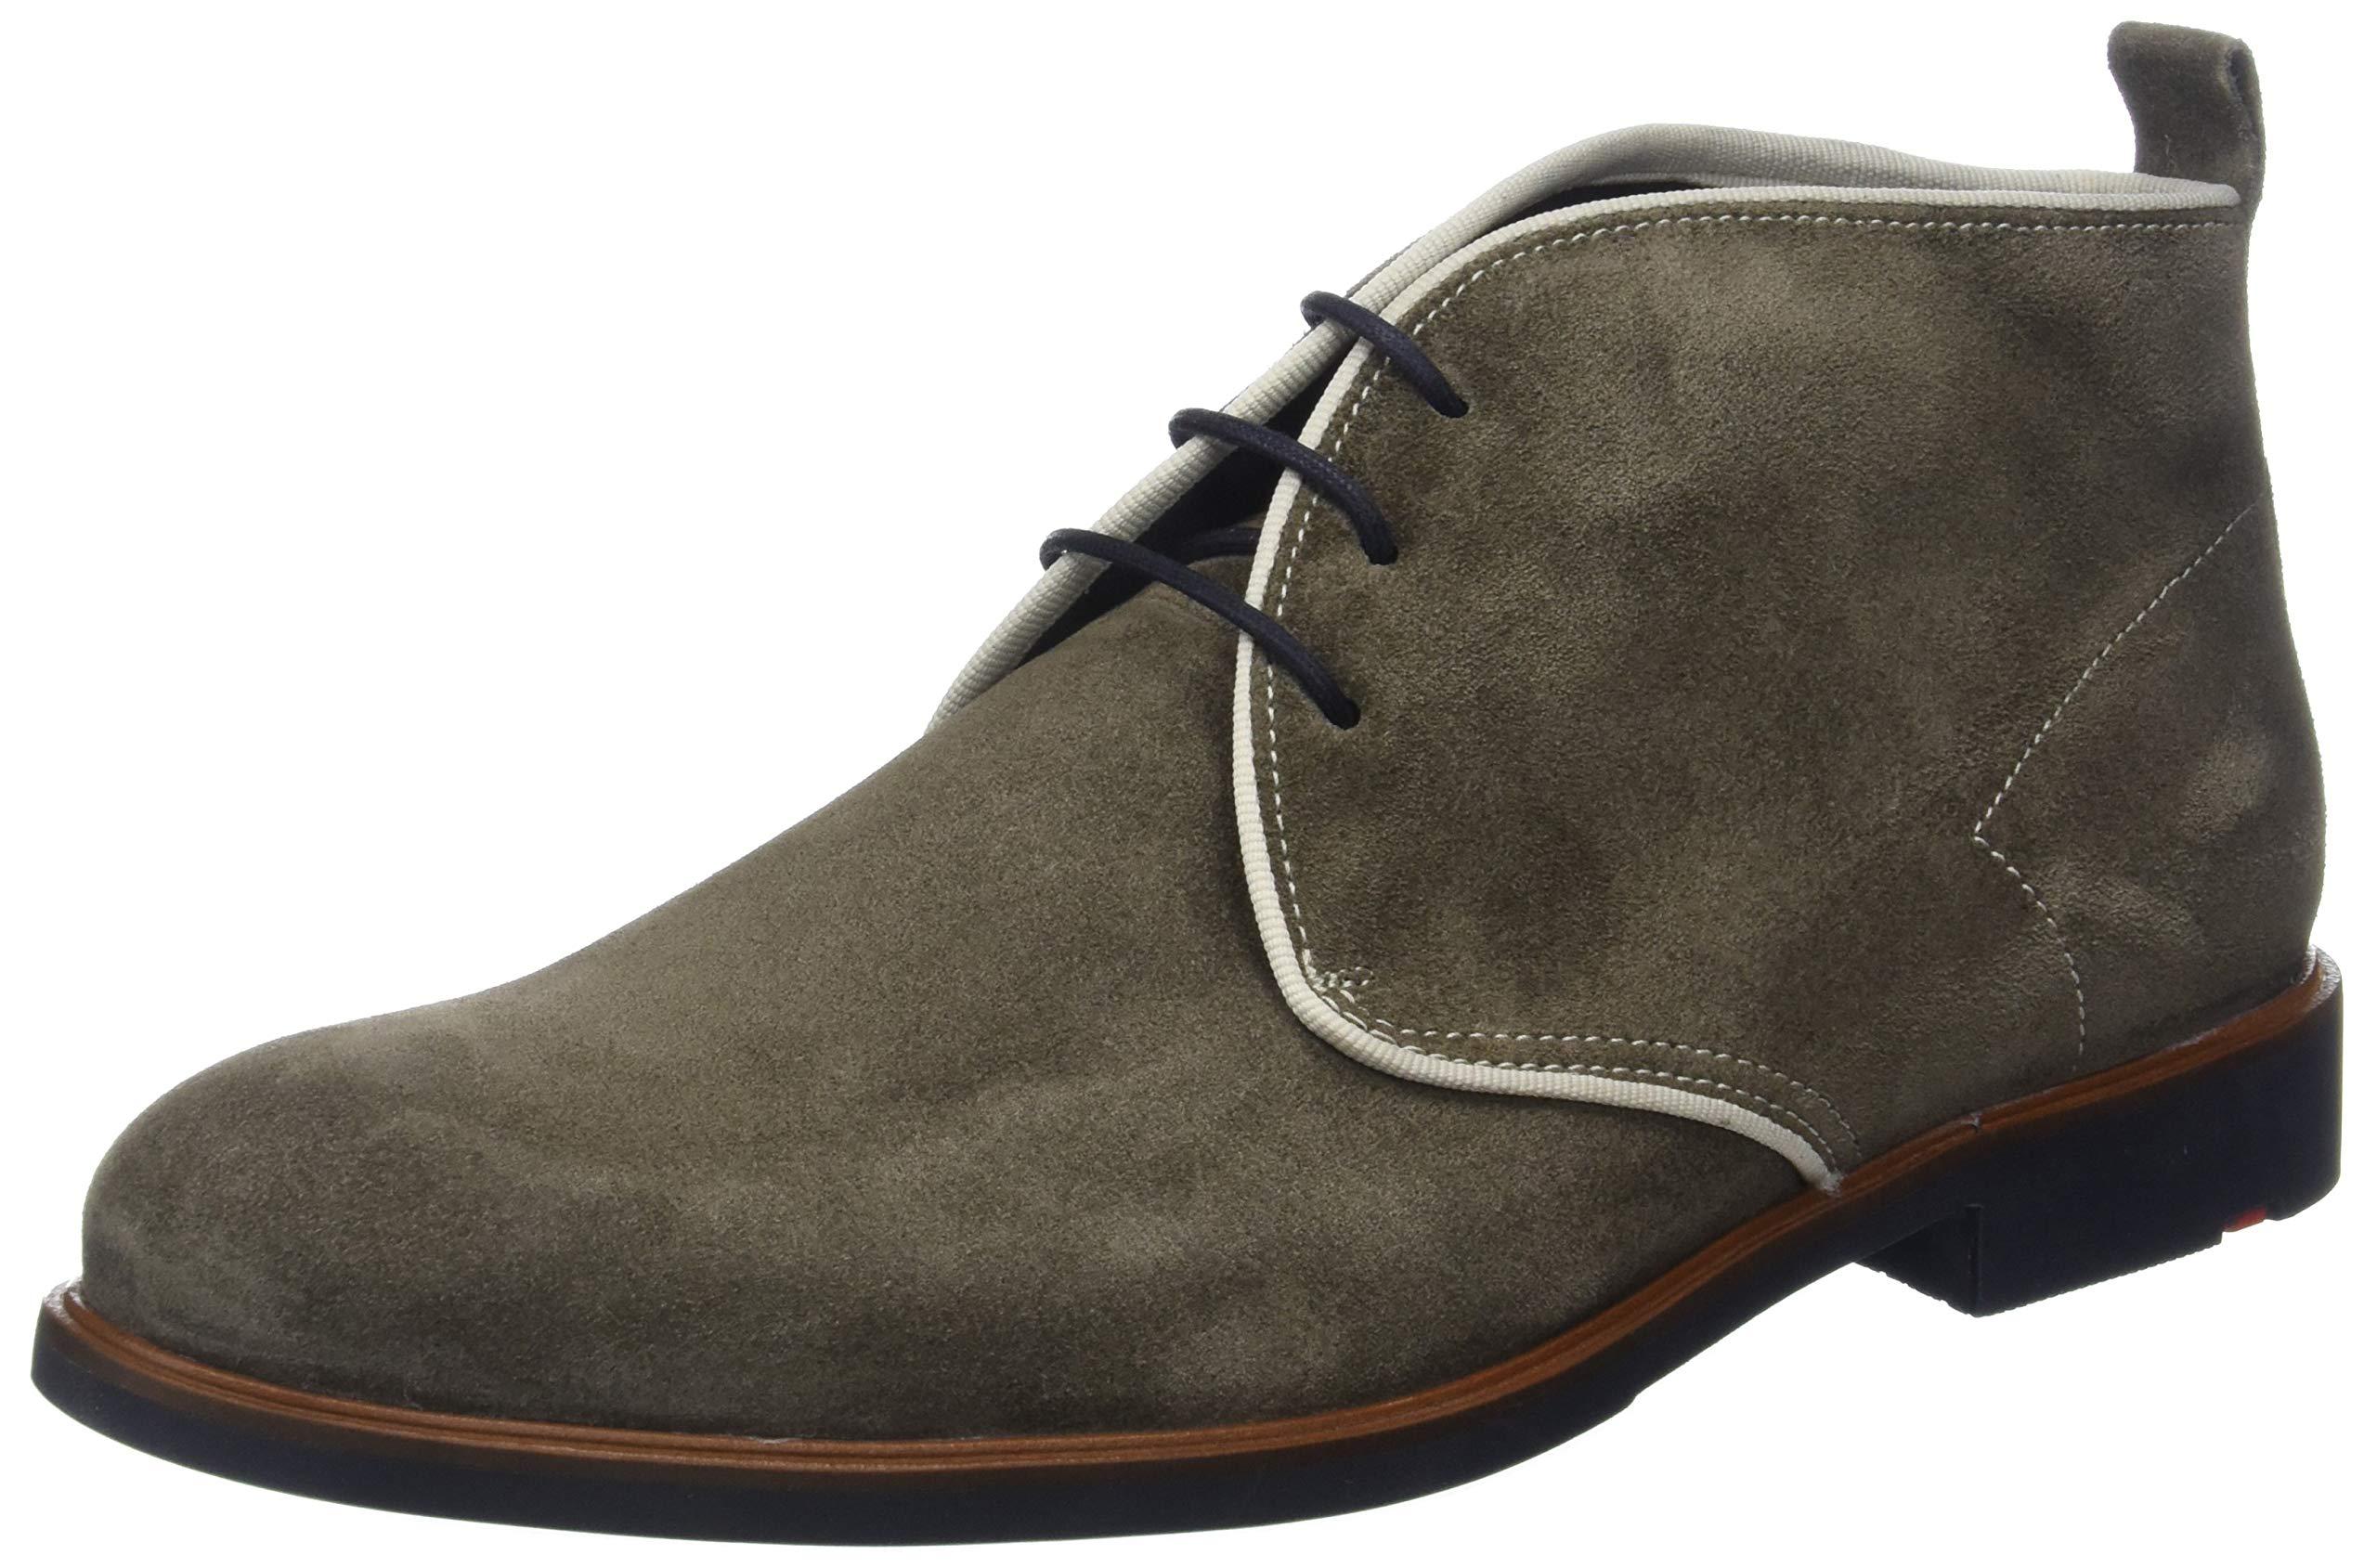 Boots HommeMarronbison Lloyd 345 GarrickDesert Eu CBeQrWodx